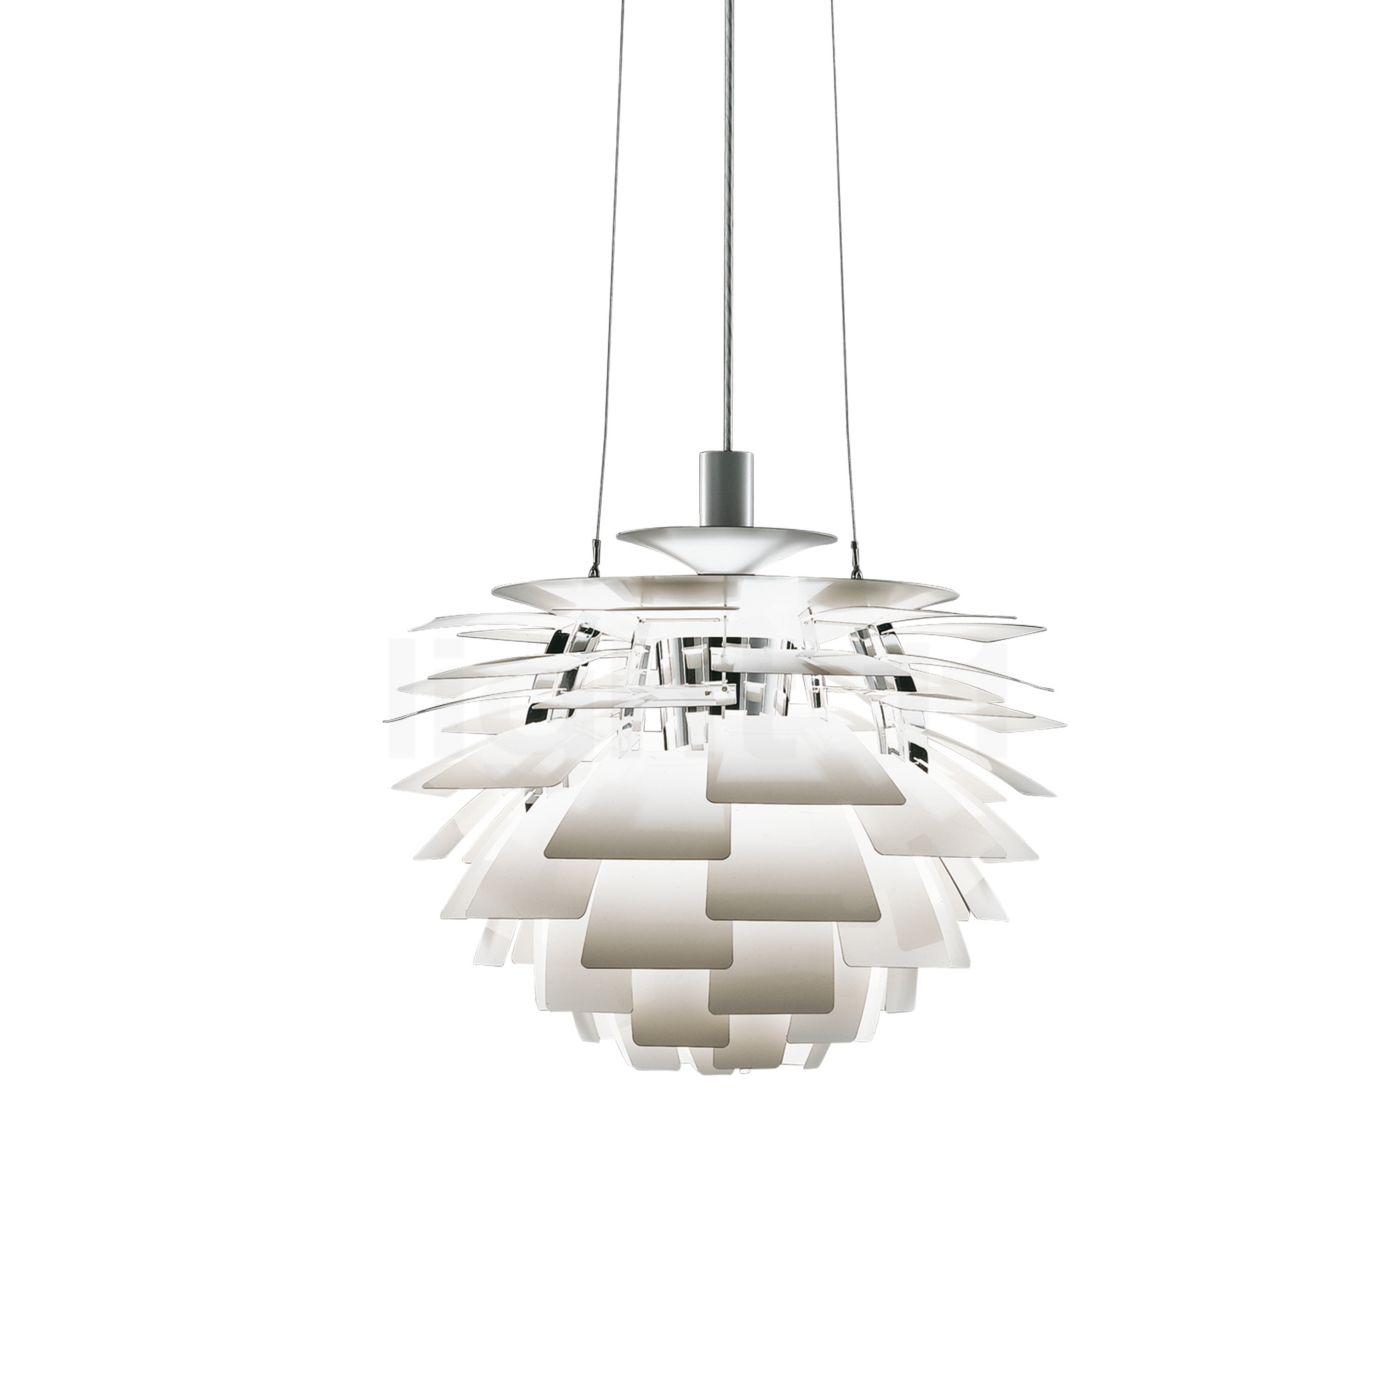 louis poulsen ph artichoke 480 suspension. Black Bedroom Furniture Sets. Home Design Ideas